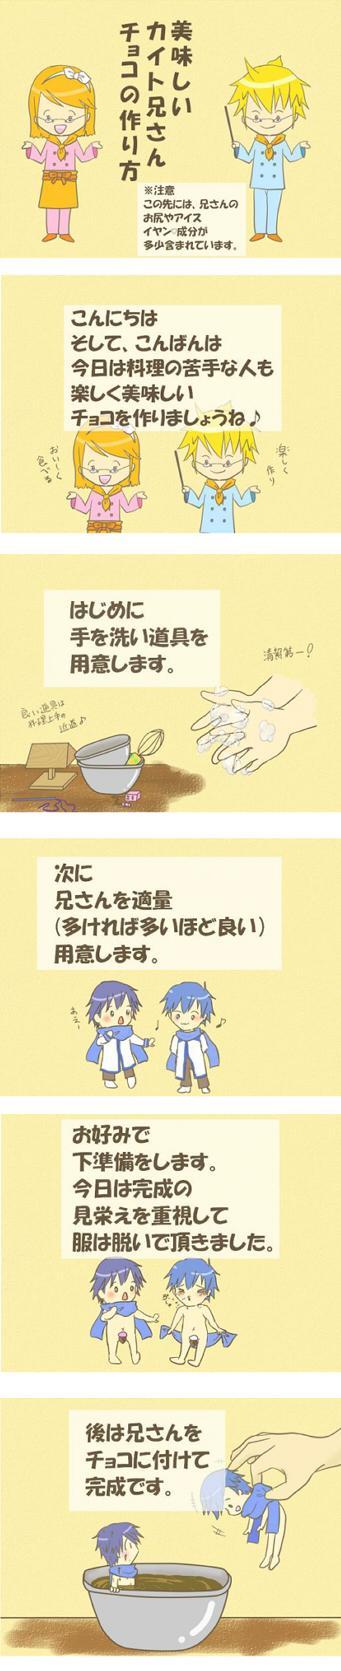 チョコの作り方 ①